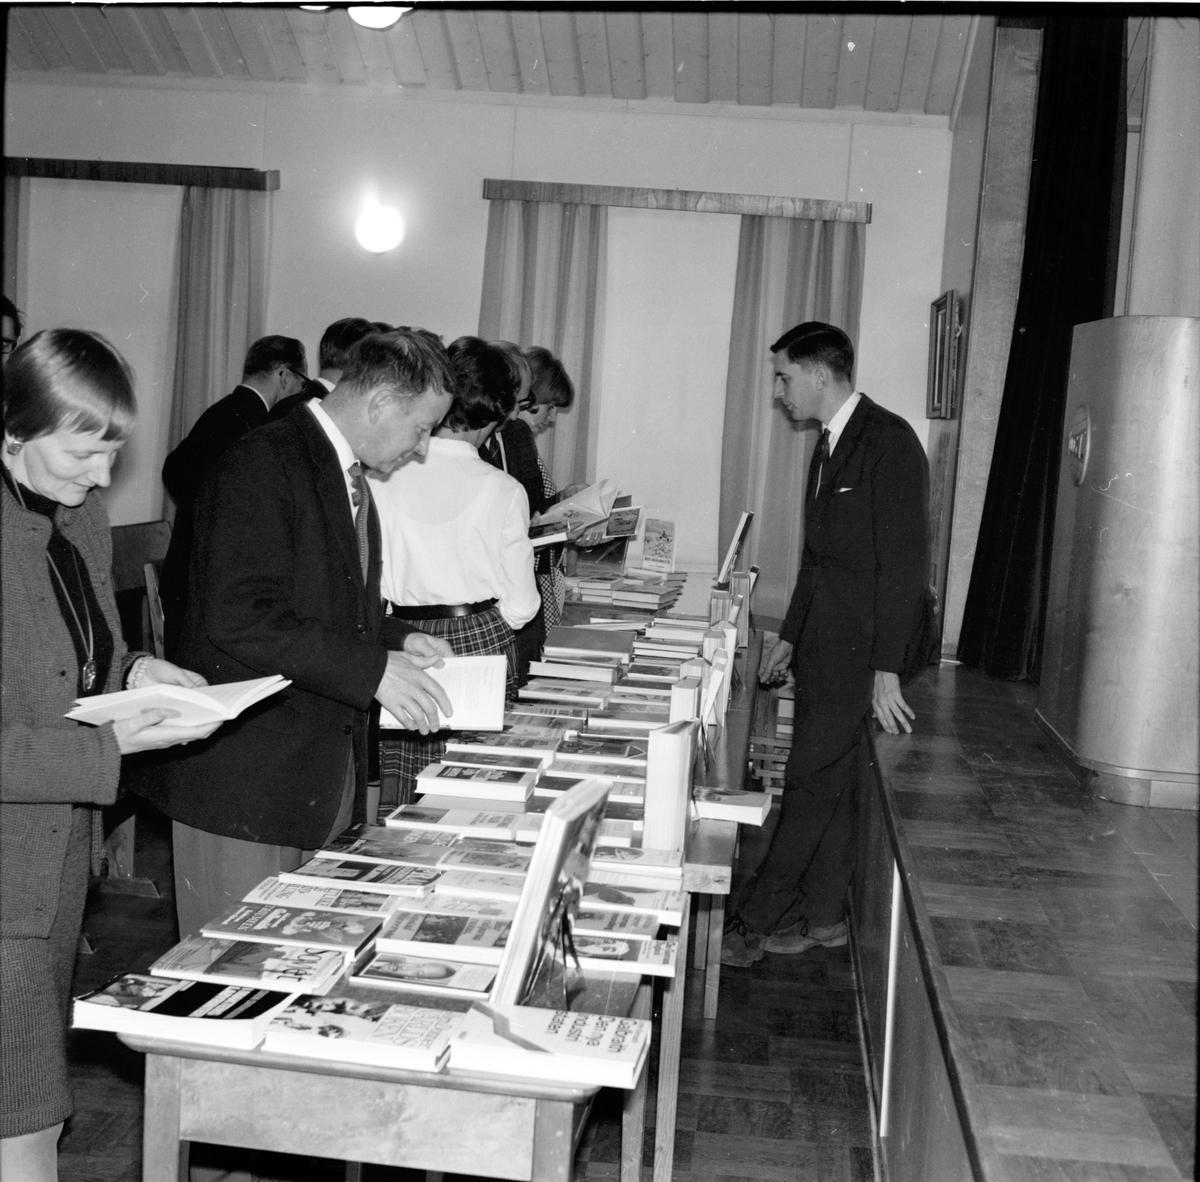 Arbrå, Bokafton i Flästa, November 1968